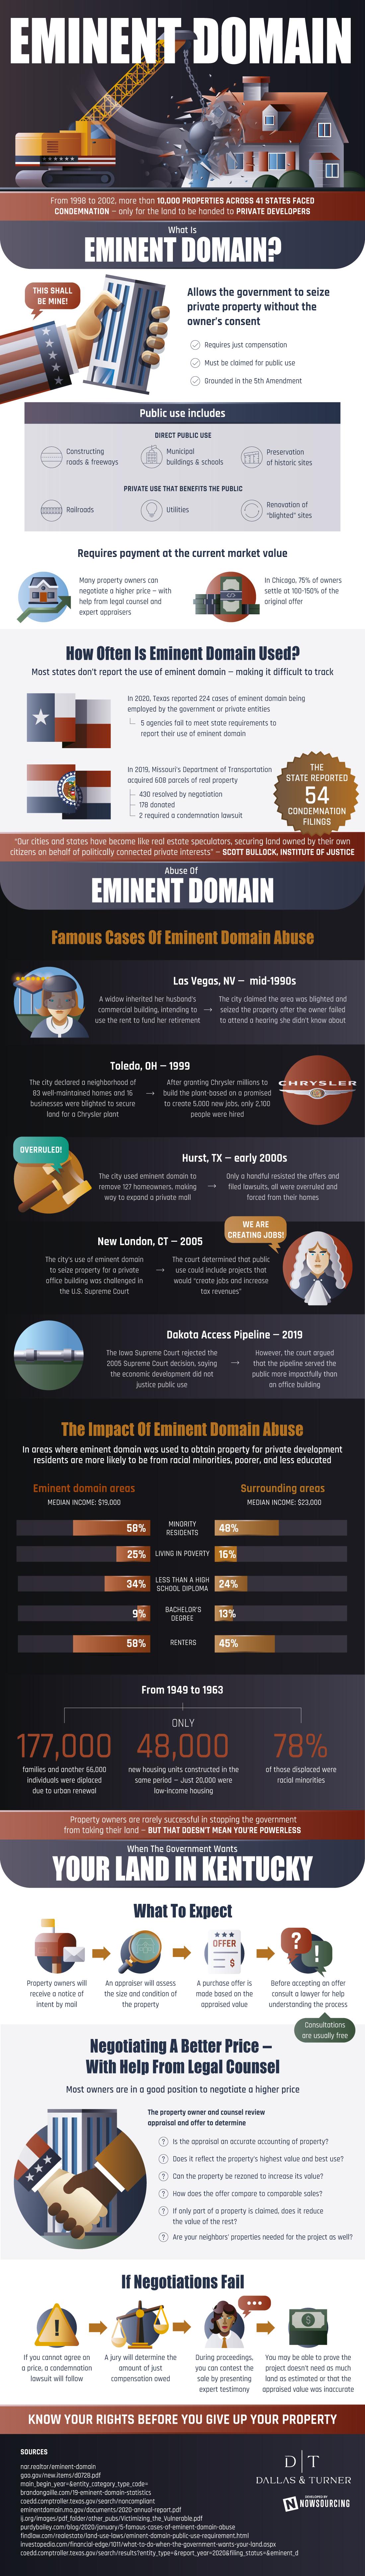 Eminent Domain: Public vs Private